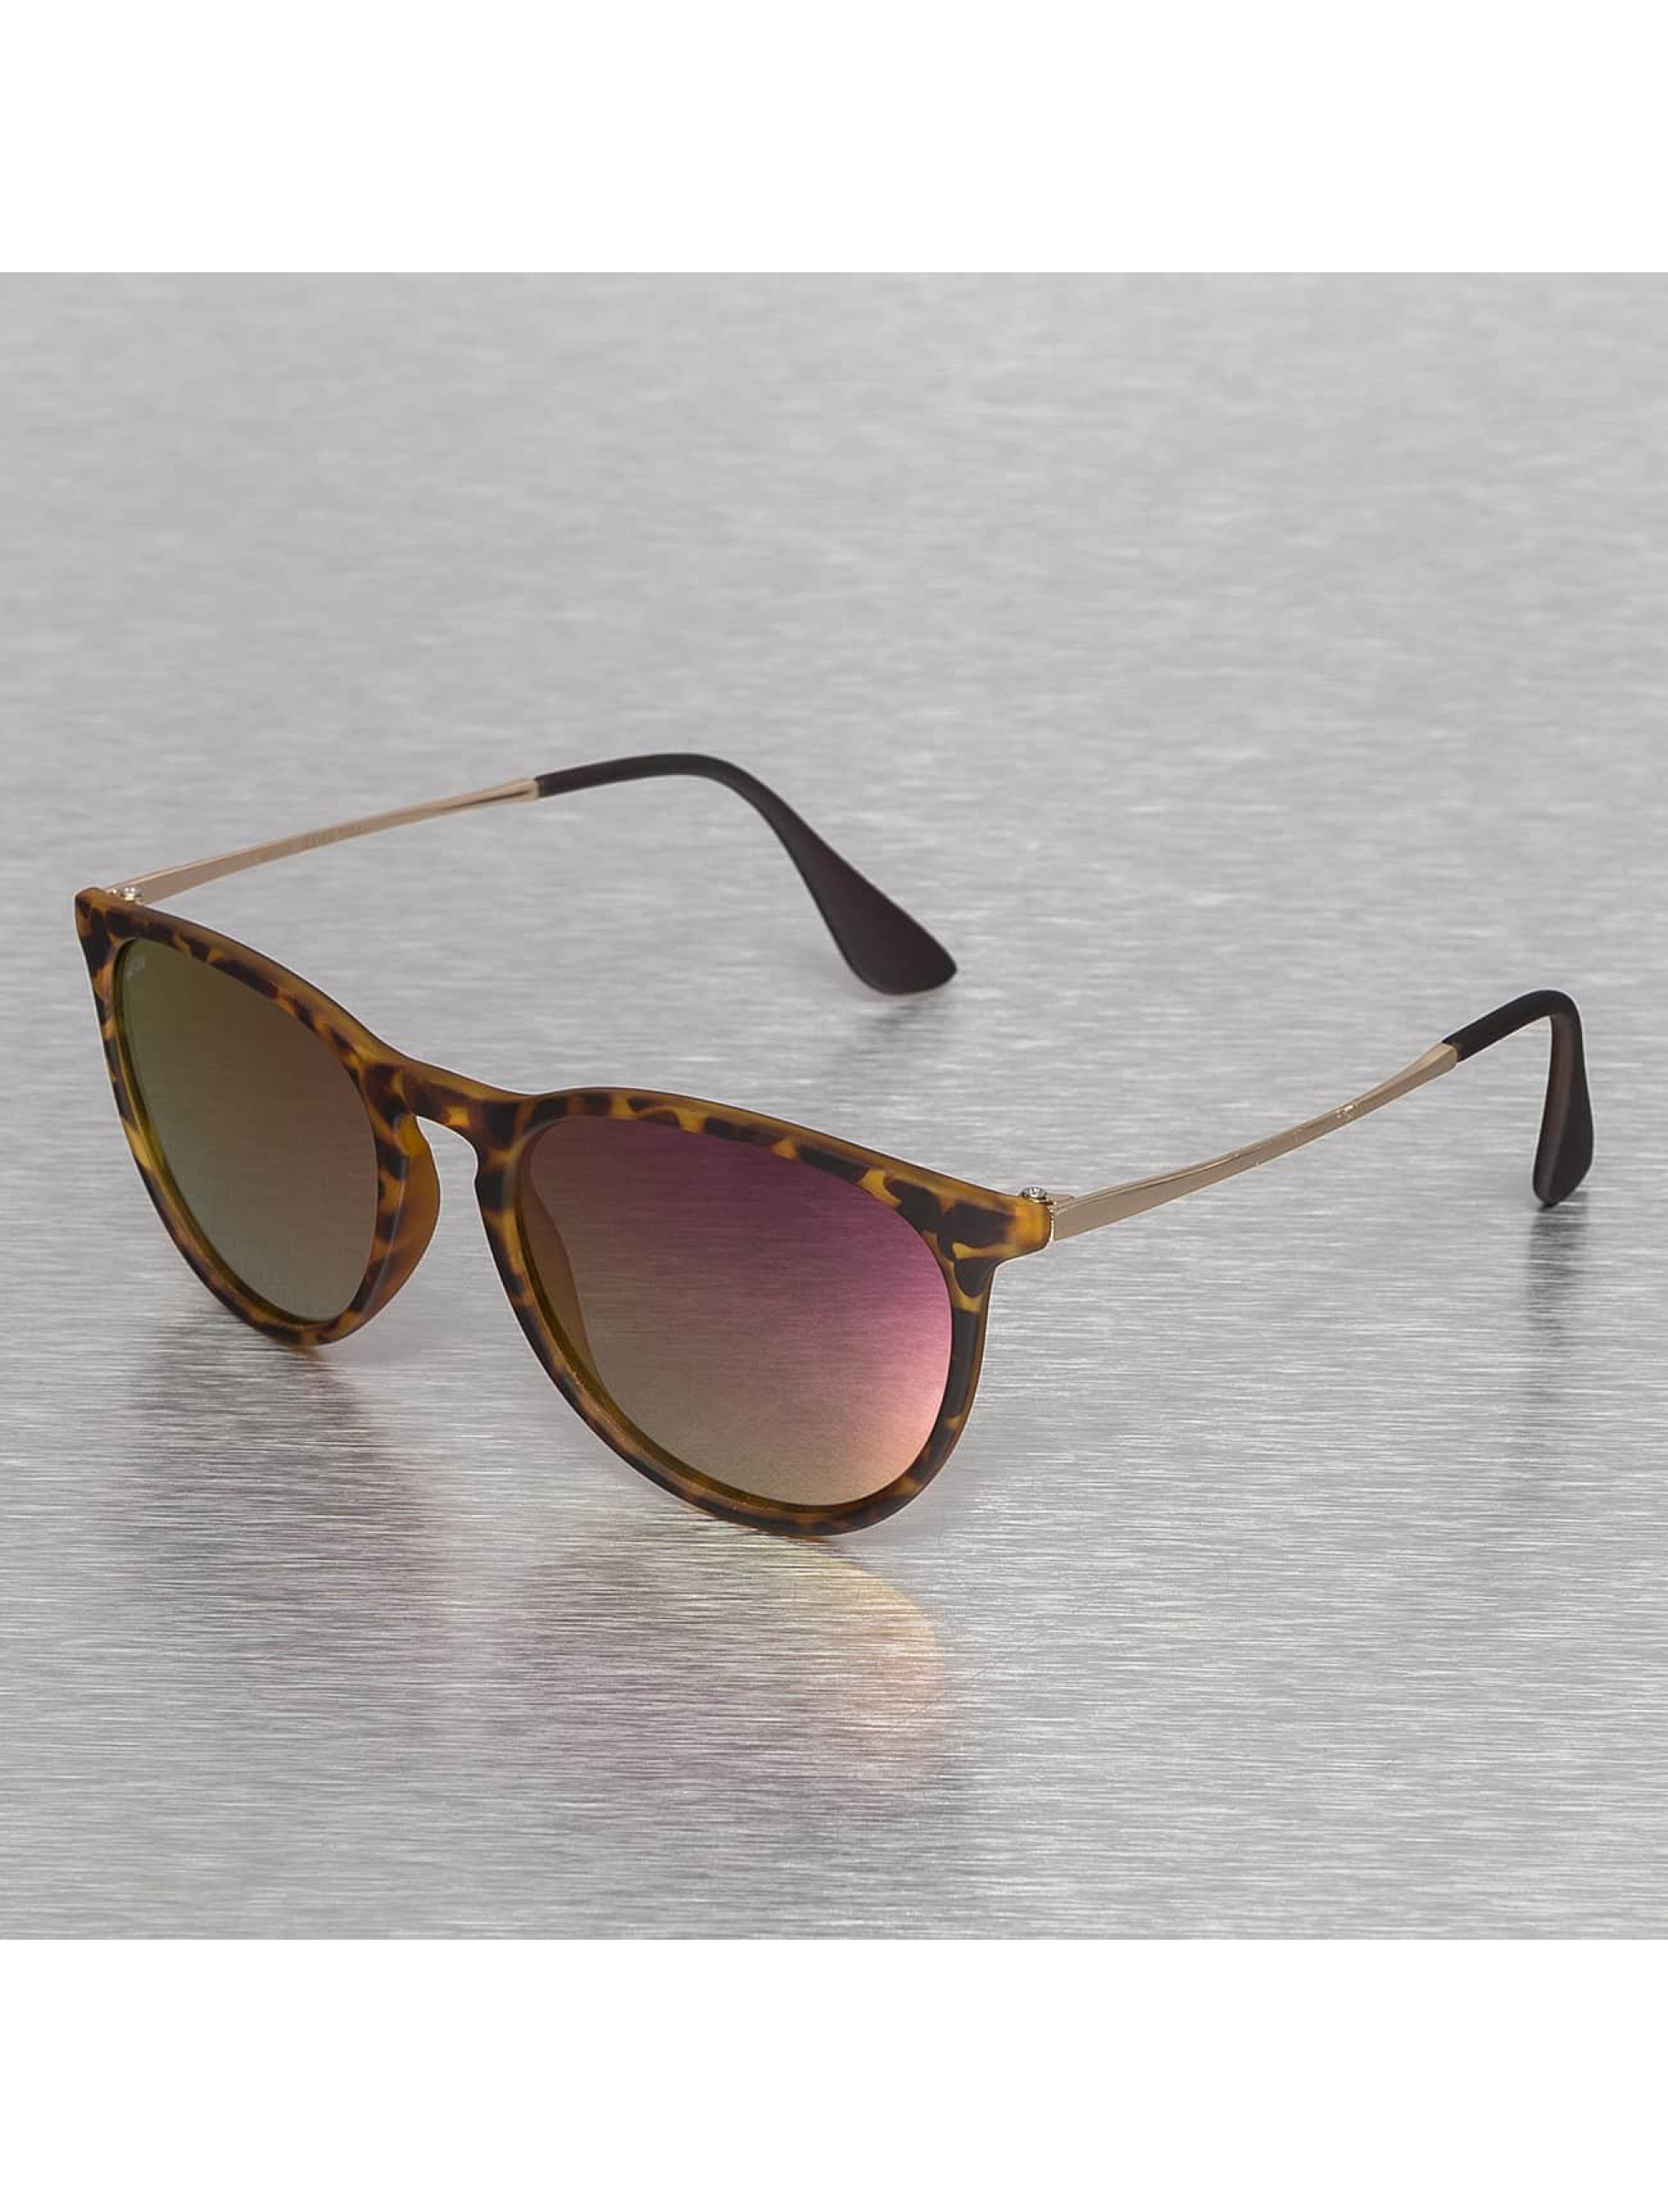 MSTRDS Accessoires / Lunettes de soleil Jesica Polarized Mirror en brun